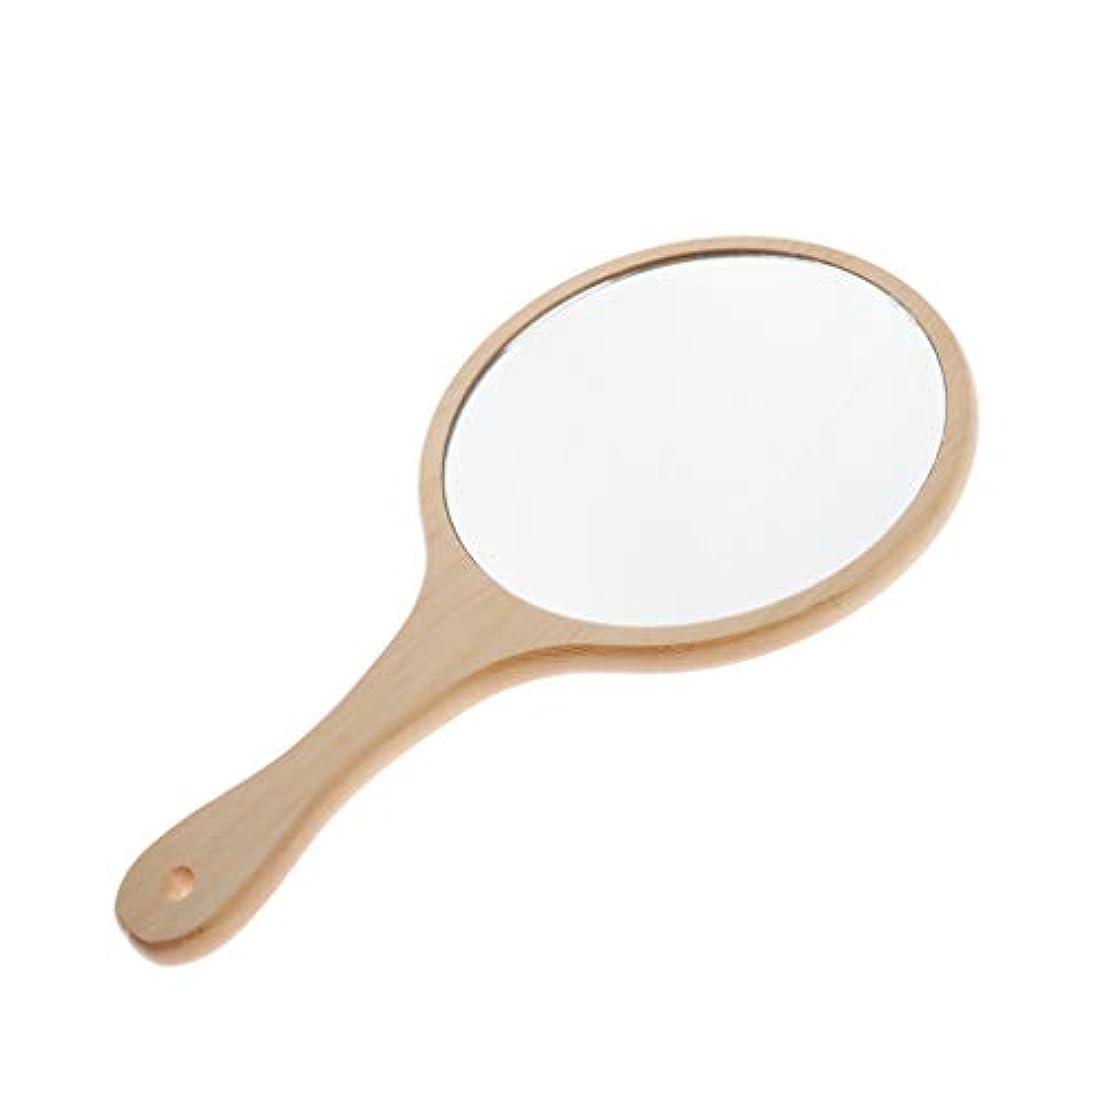 恥ずかしさ把握オセアニアToygogo 化粧ミラー 鏡 ミラー コンパクト 木製ミラー 手鏡 メンズ ハンドミラー 便利 軽量 保管簡単 全5選択 - ラウンドL